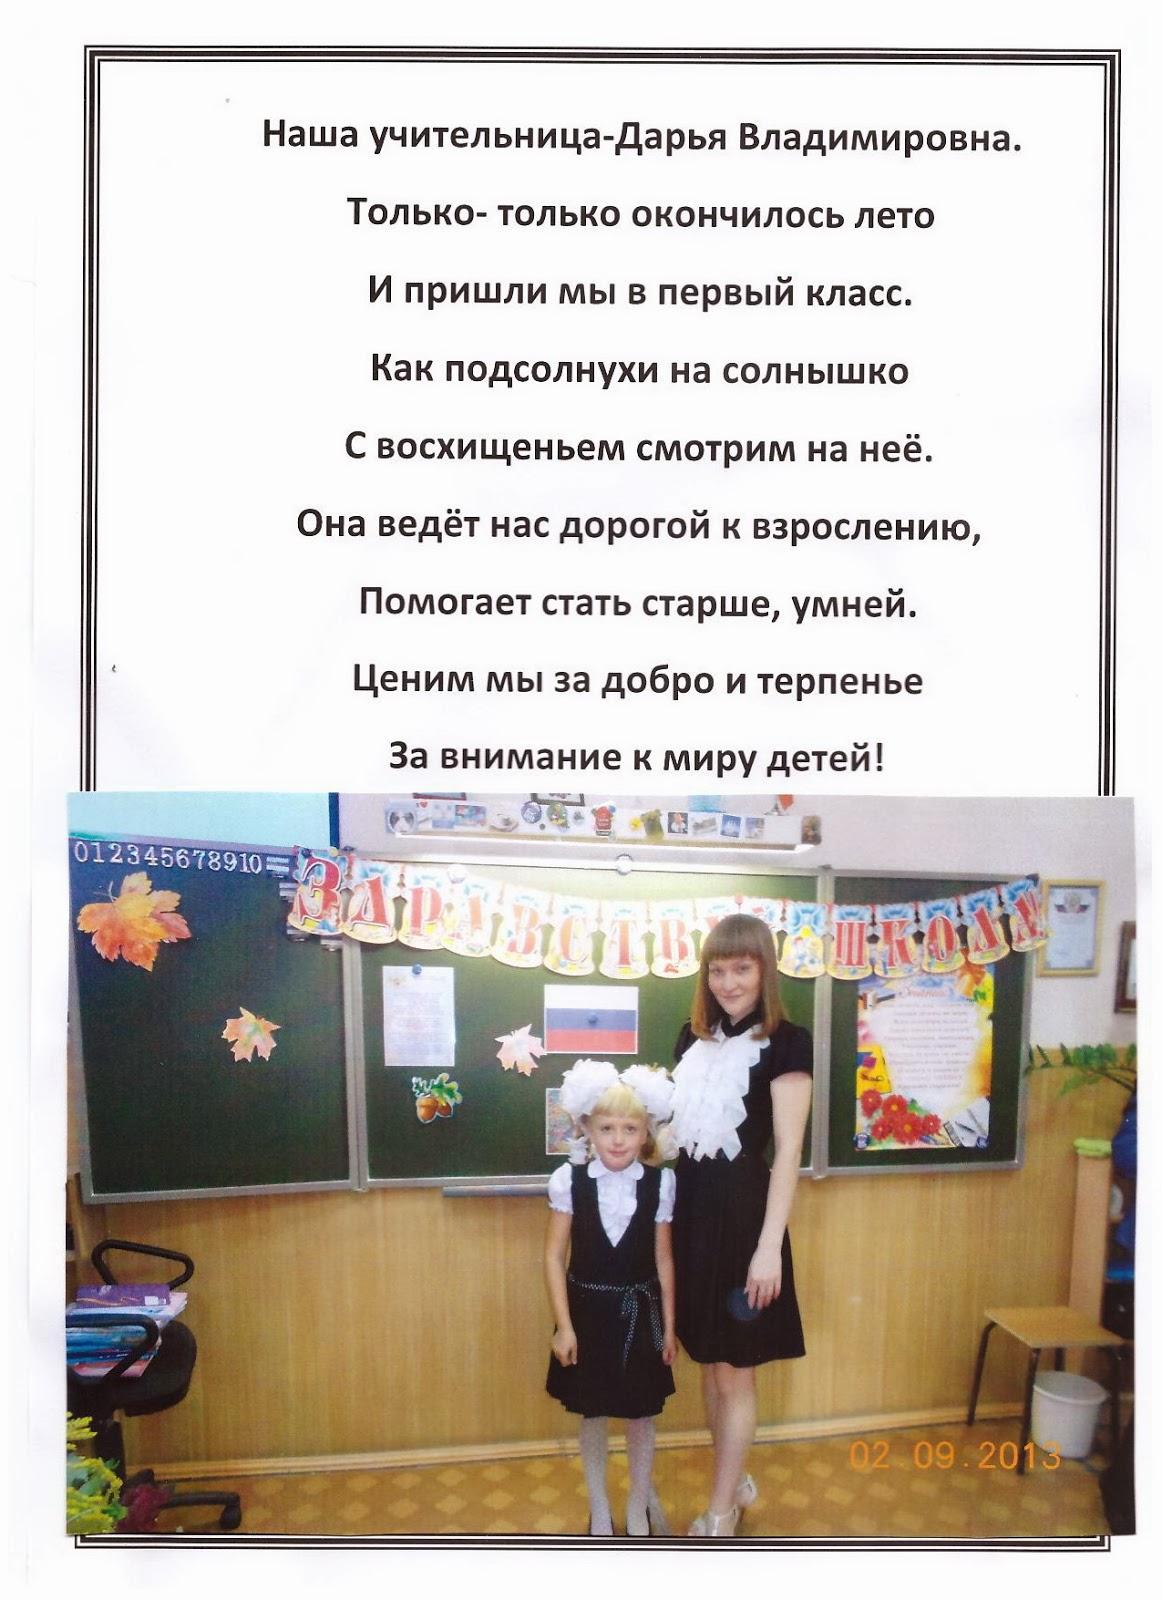 ТЕПЕРЬ МЫ ПЯТИКЛАШКИ Проекты Мой класс и моя школа  Проекты Мой класс и моя школа